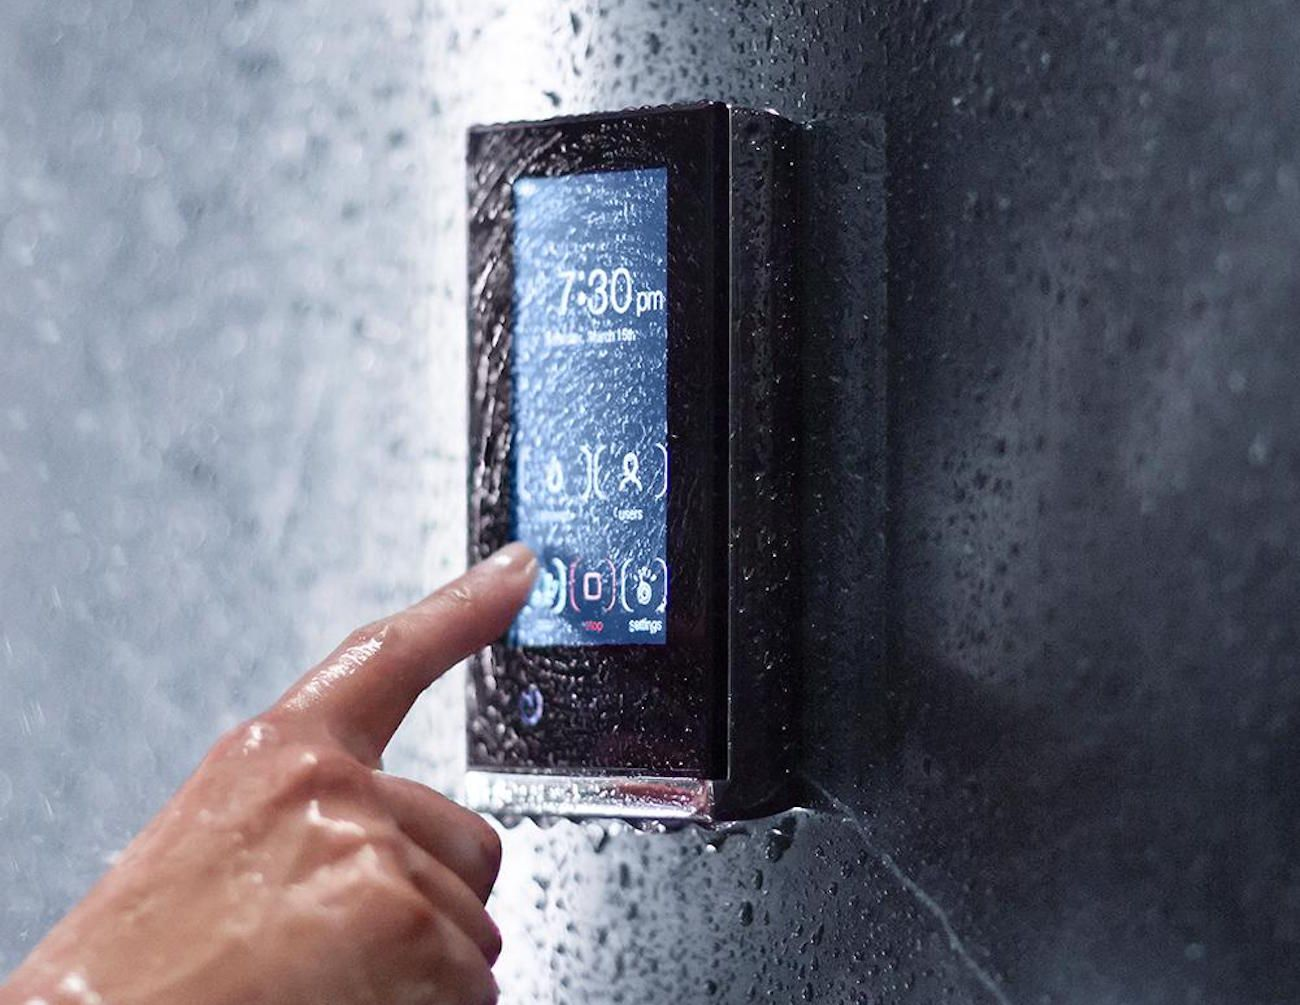 Awesome Kohler DTV+ Digital Shower Interface